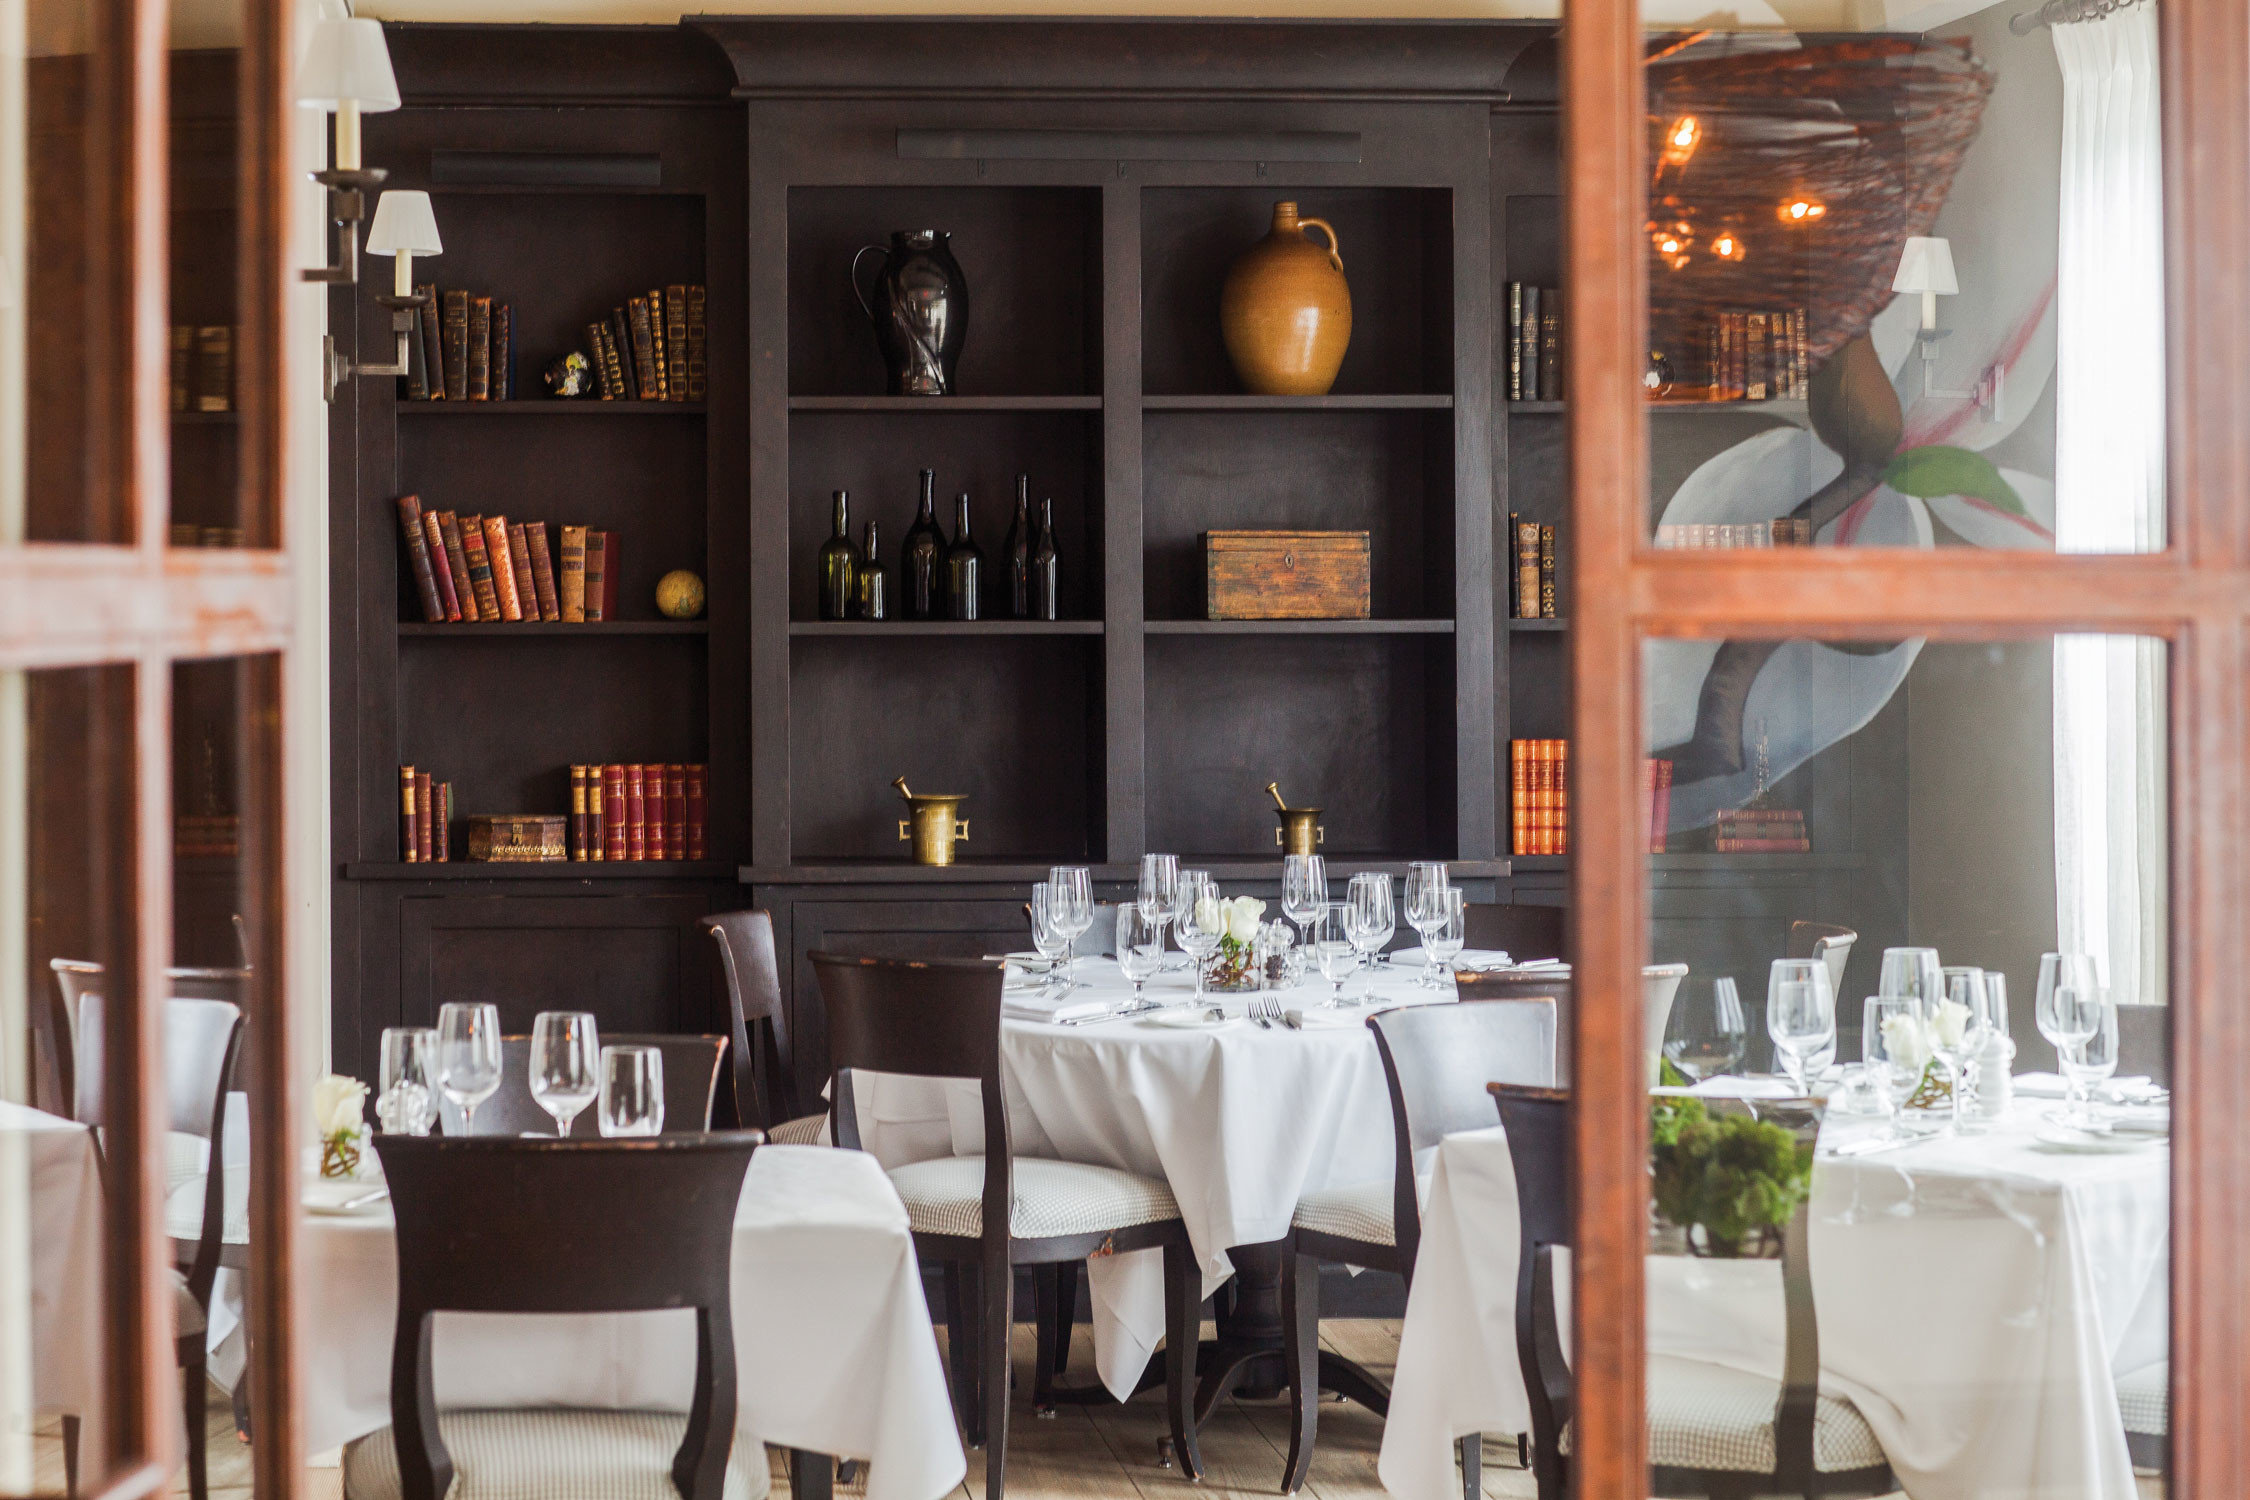 restaurant Dining home shelf Bar set